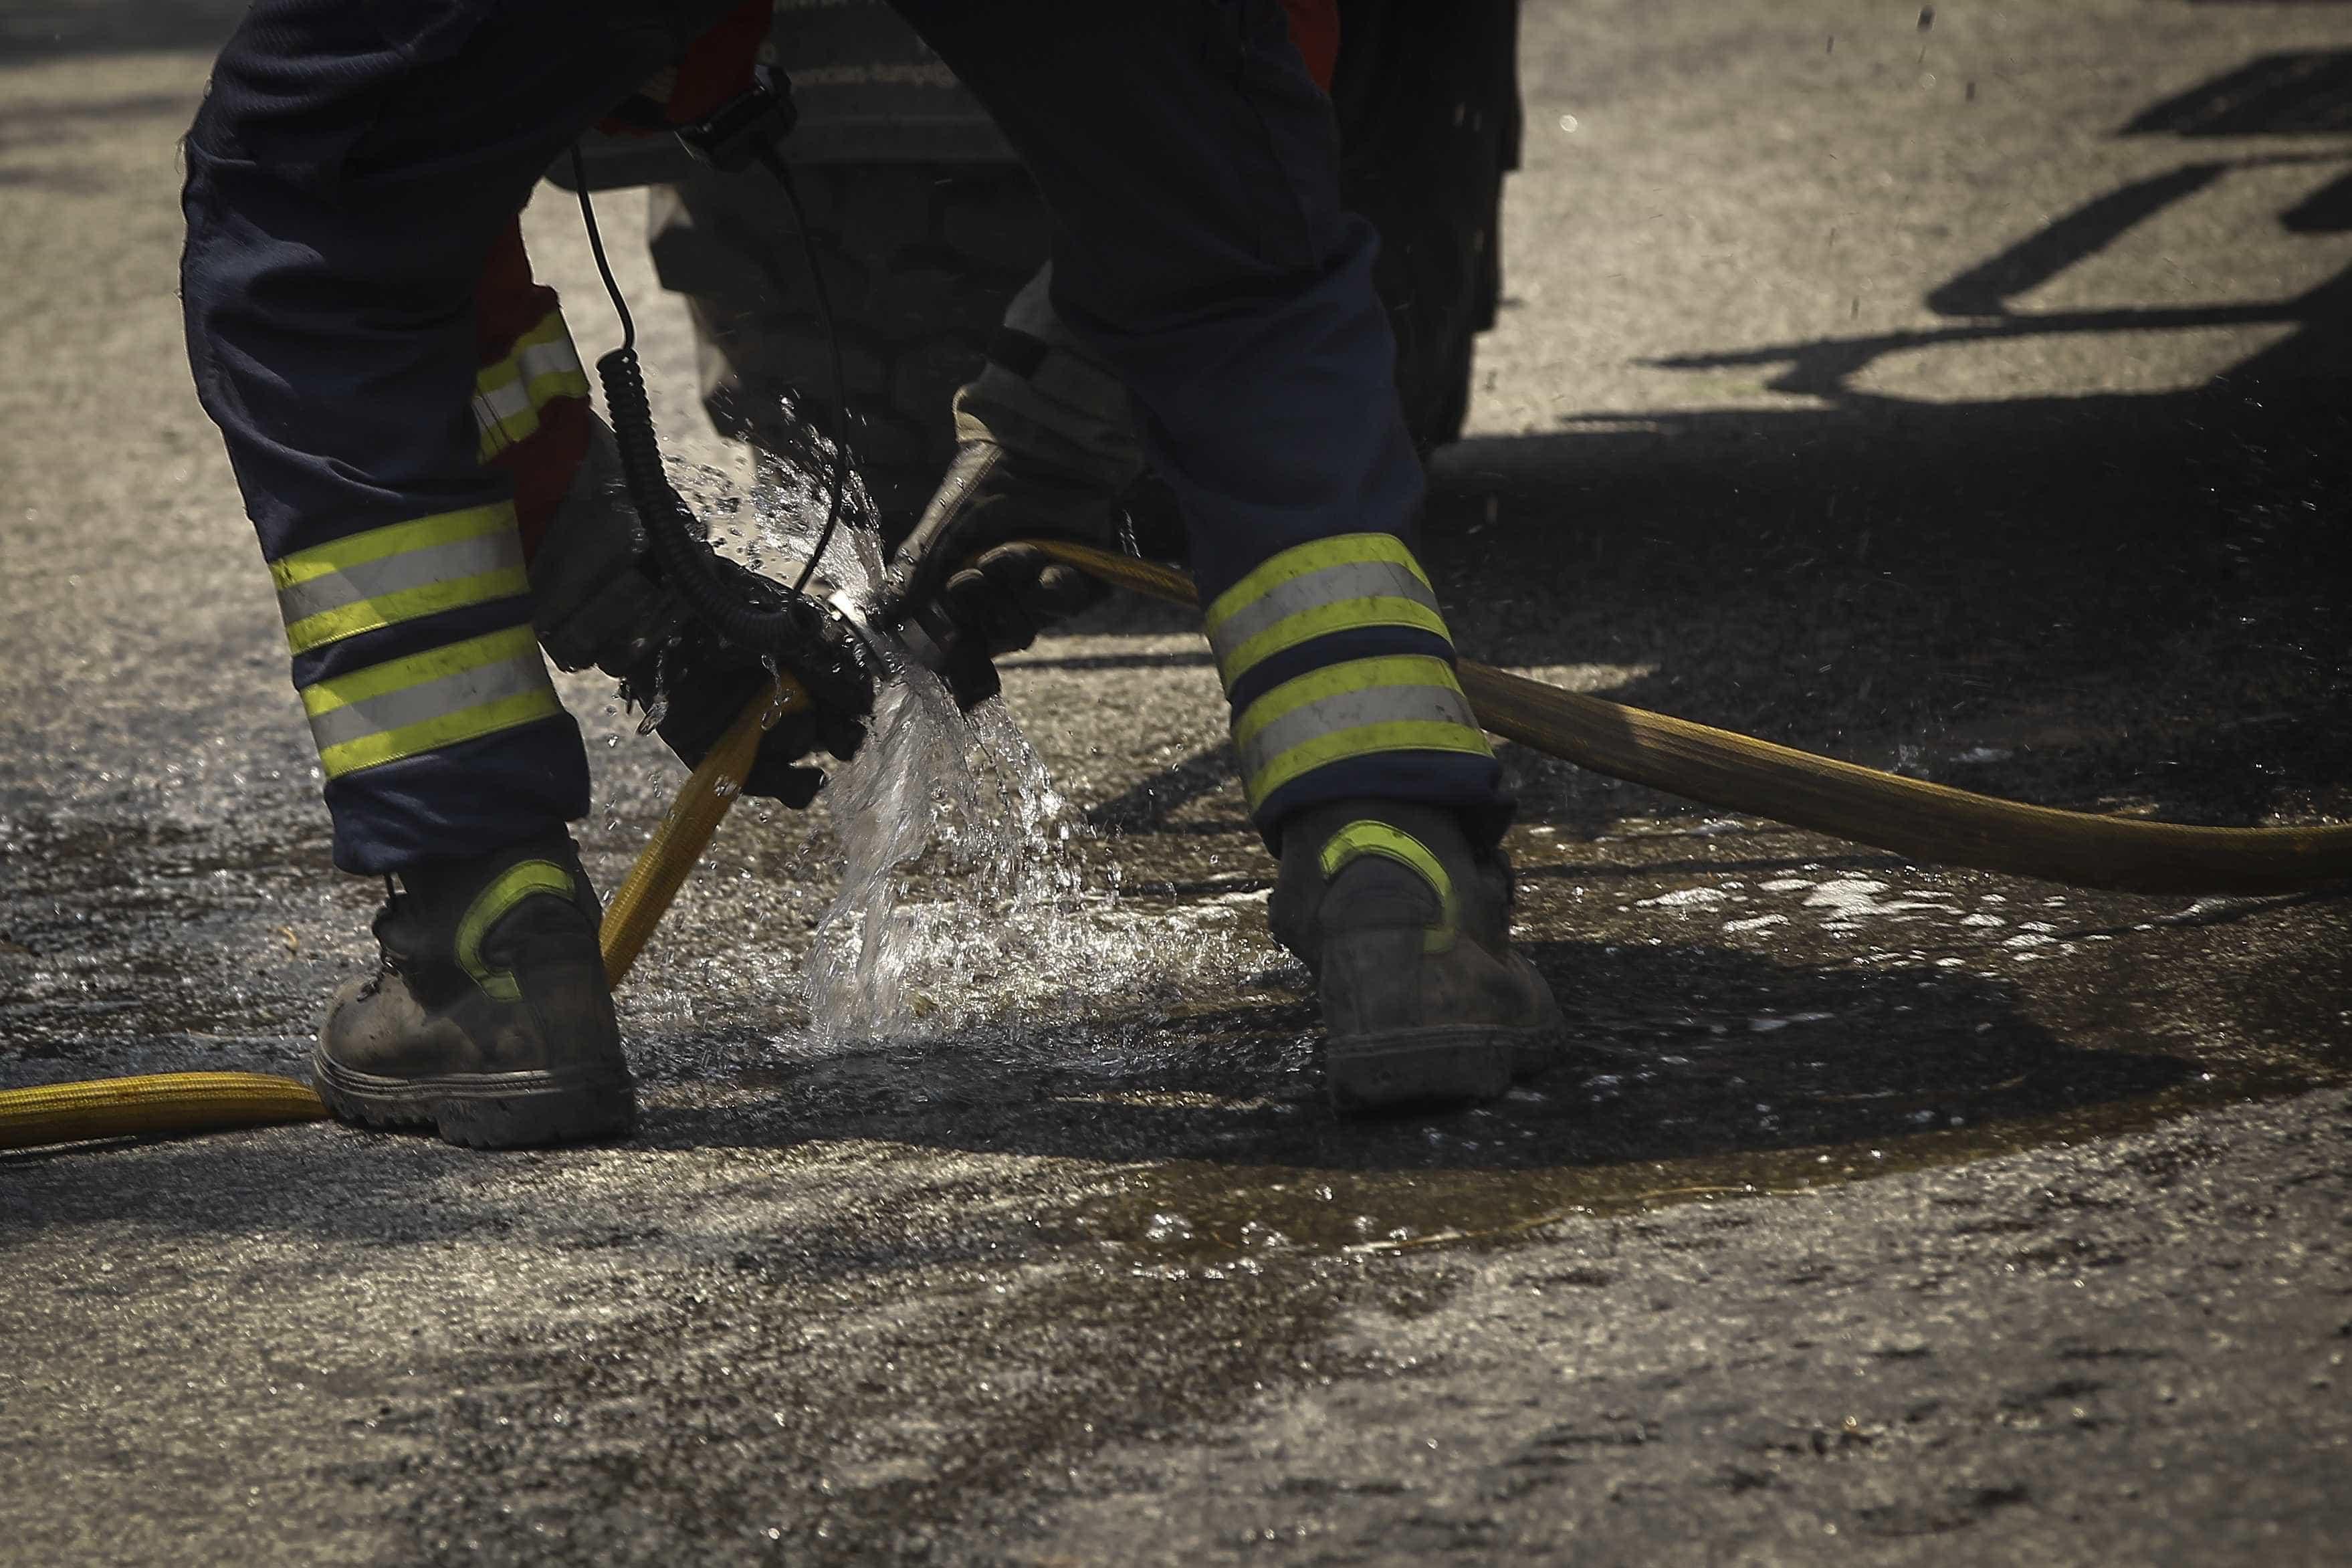 Resgatado homem que caiu num poço em Valença